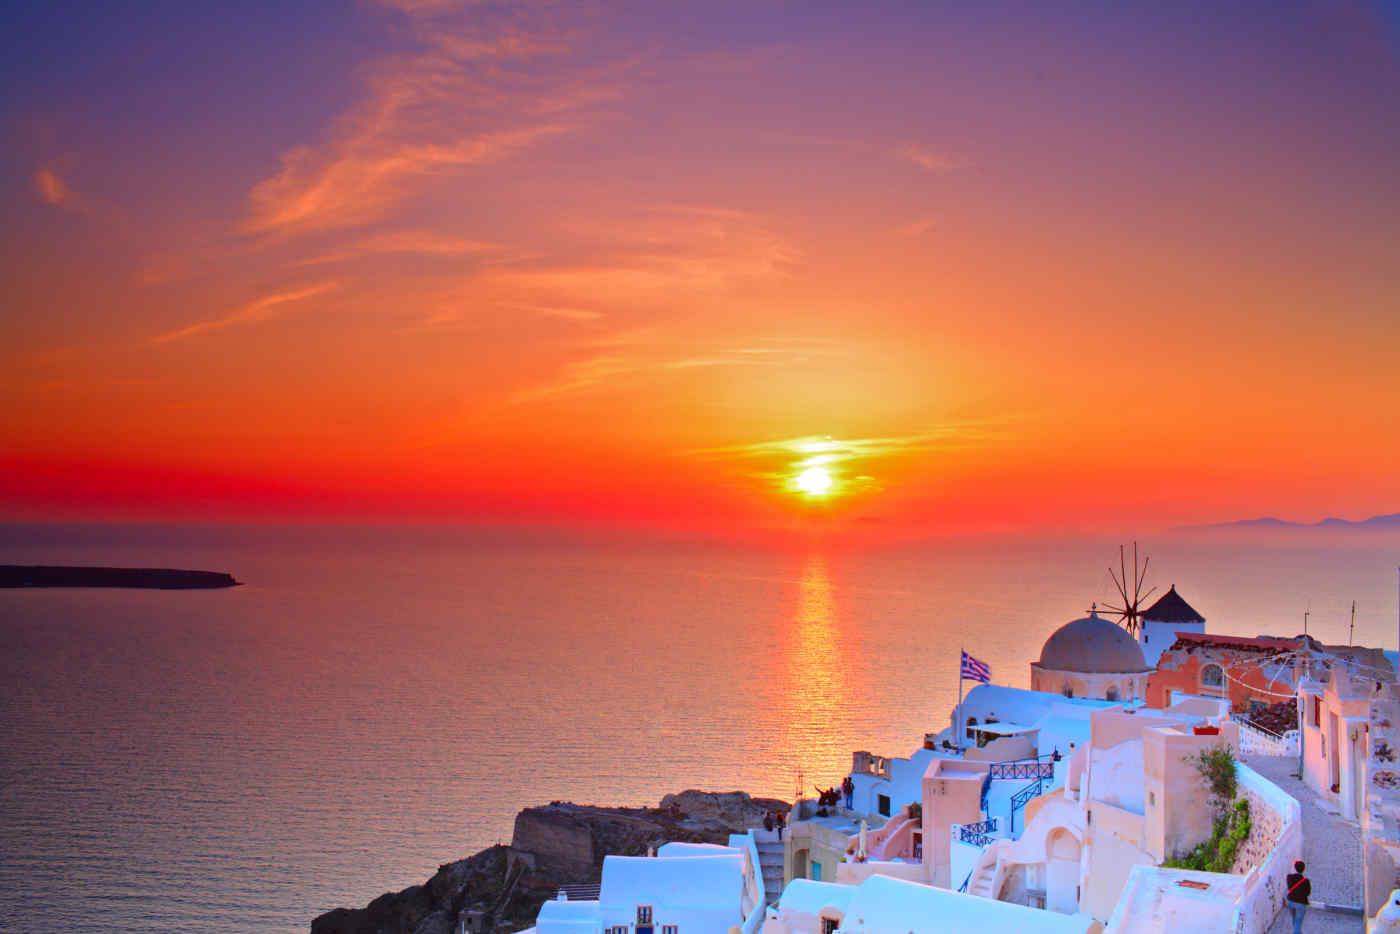 Town of Oia in Santorini, Greece